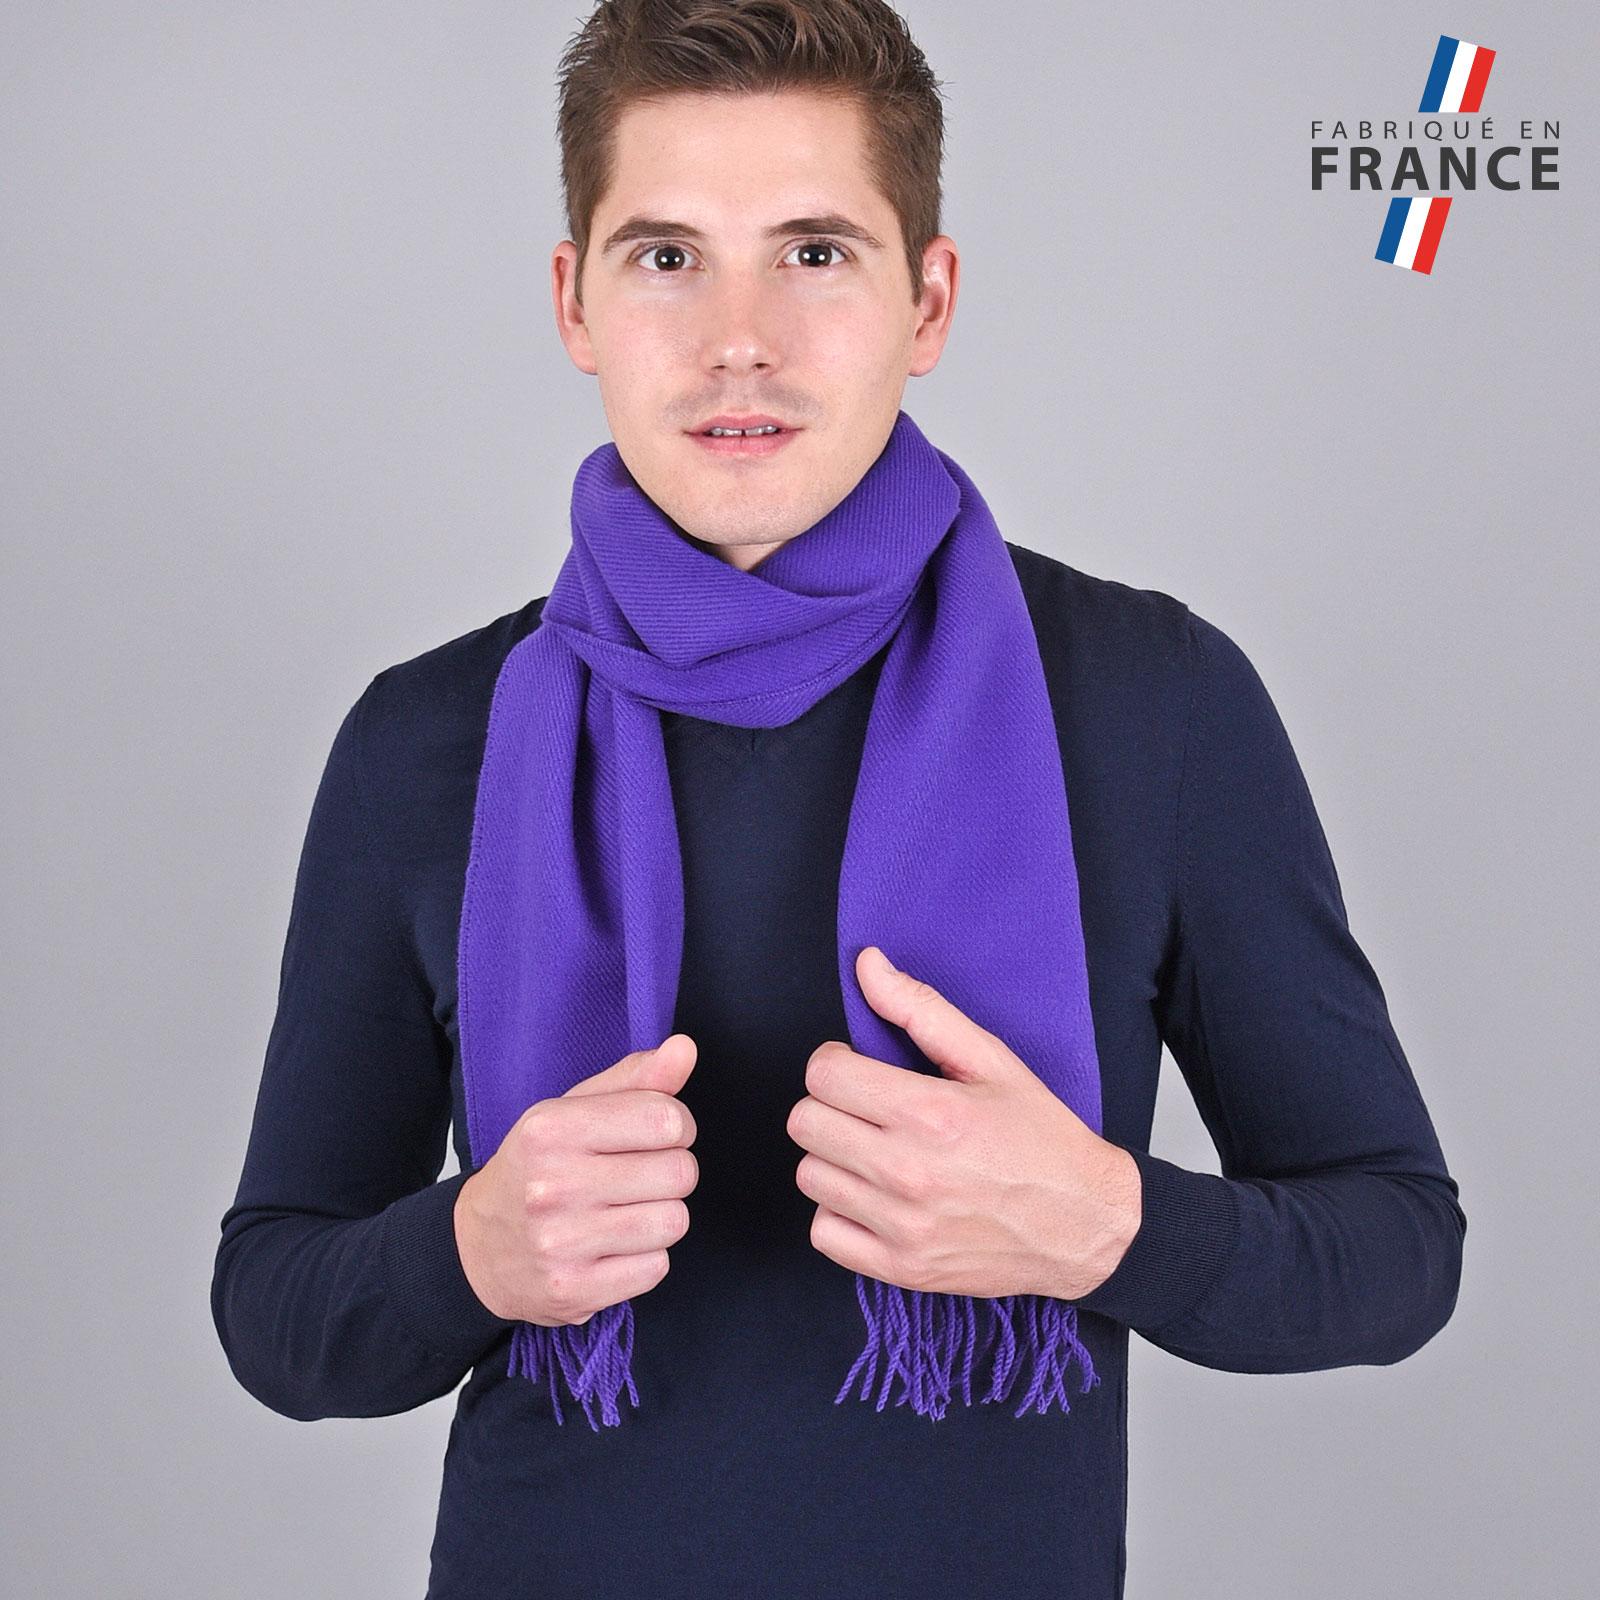 AT-03244-VH16-LB_FR-echarpe-homme-a-franges-violet-indigo-fabrication-francaise